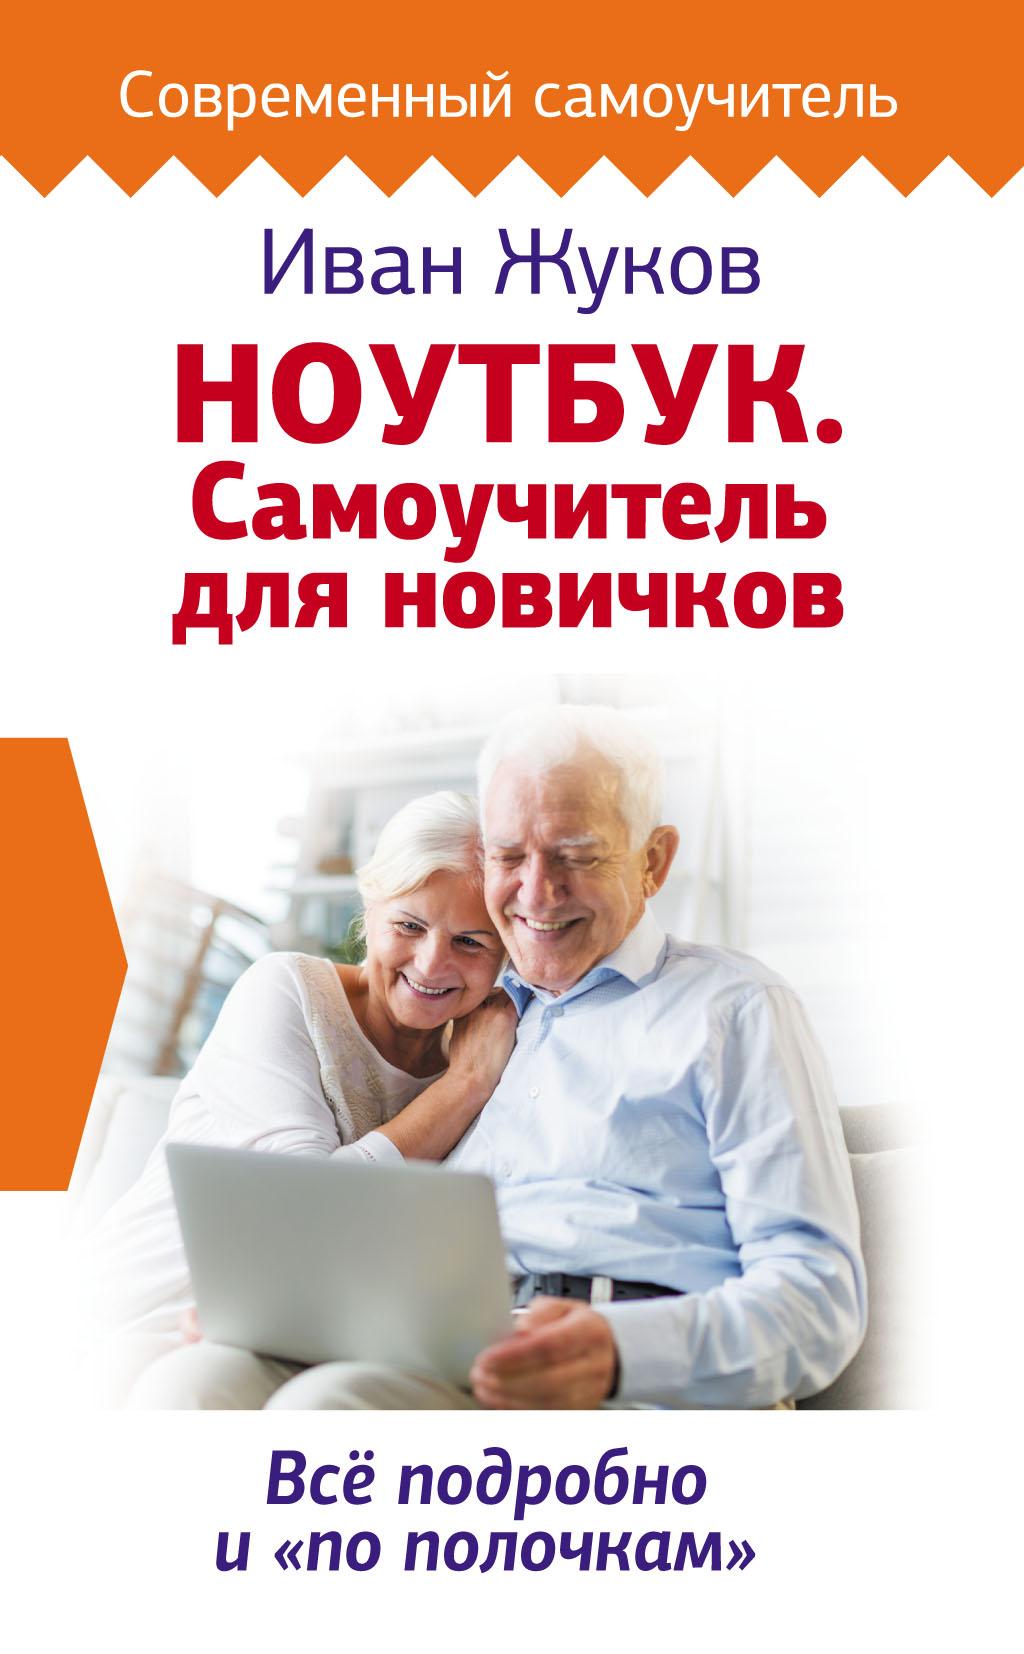 Купить книгу Ноутбук. Самоучитель для новичков. Все подробно и «по полочкам», автора Ивана Жукова